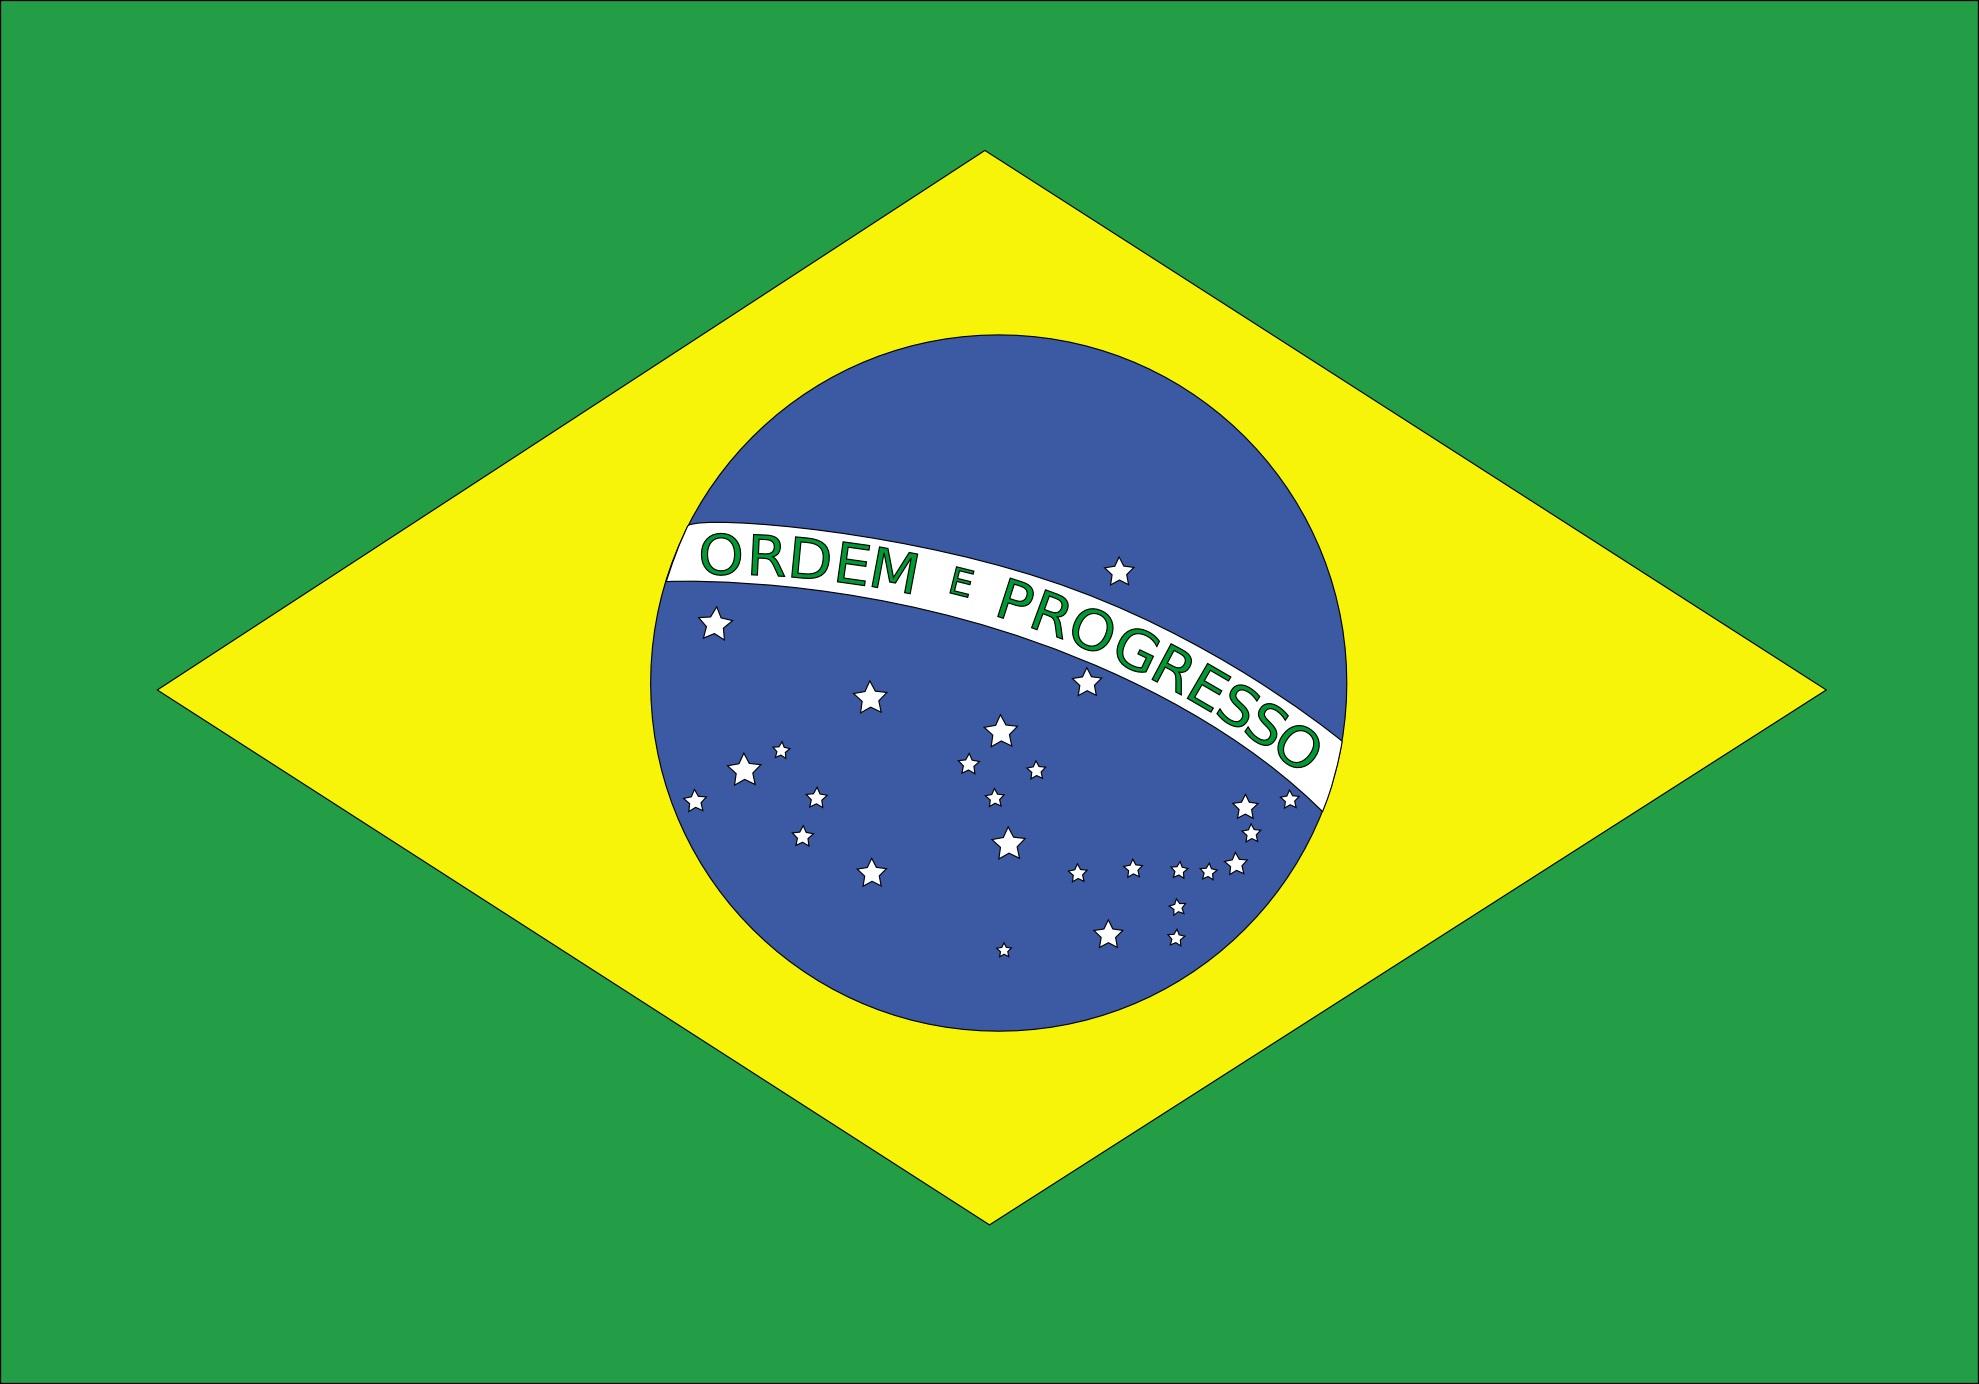 brasile esportazione distribuzione agente contratto